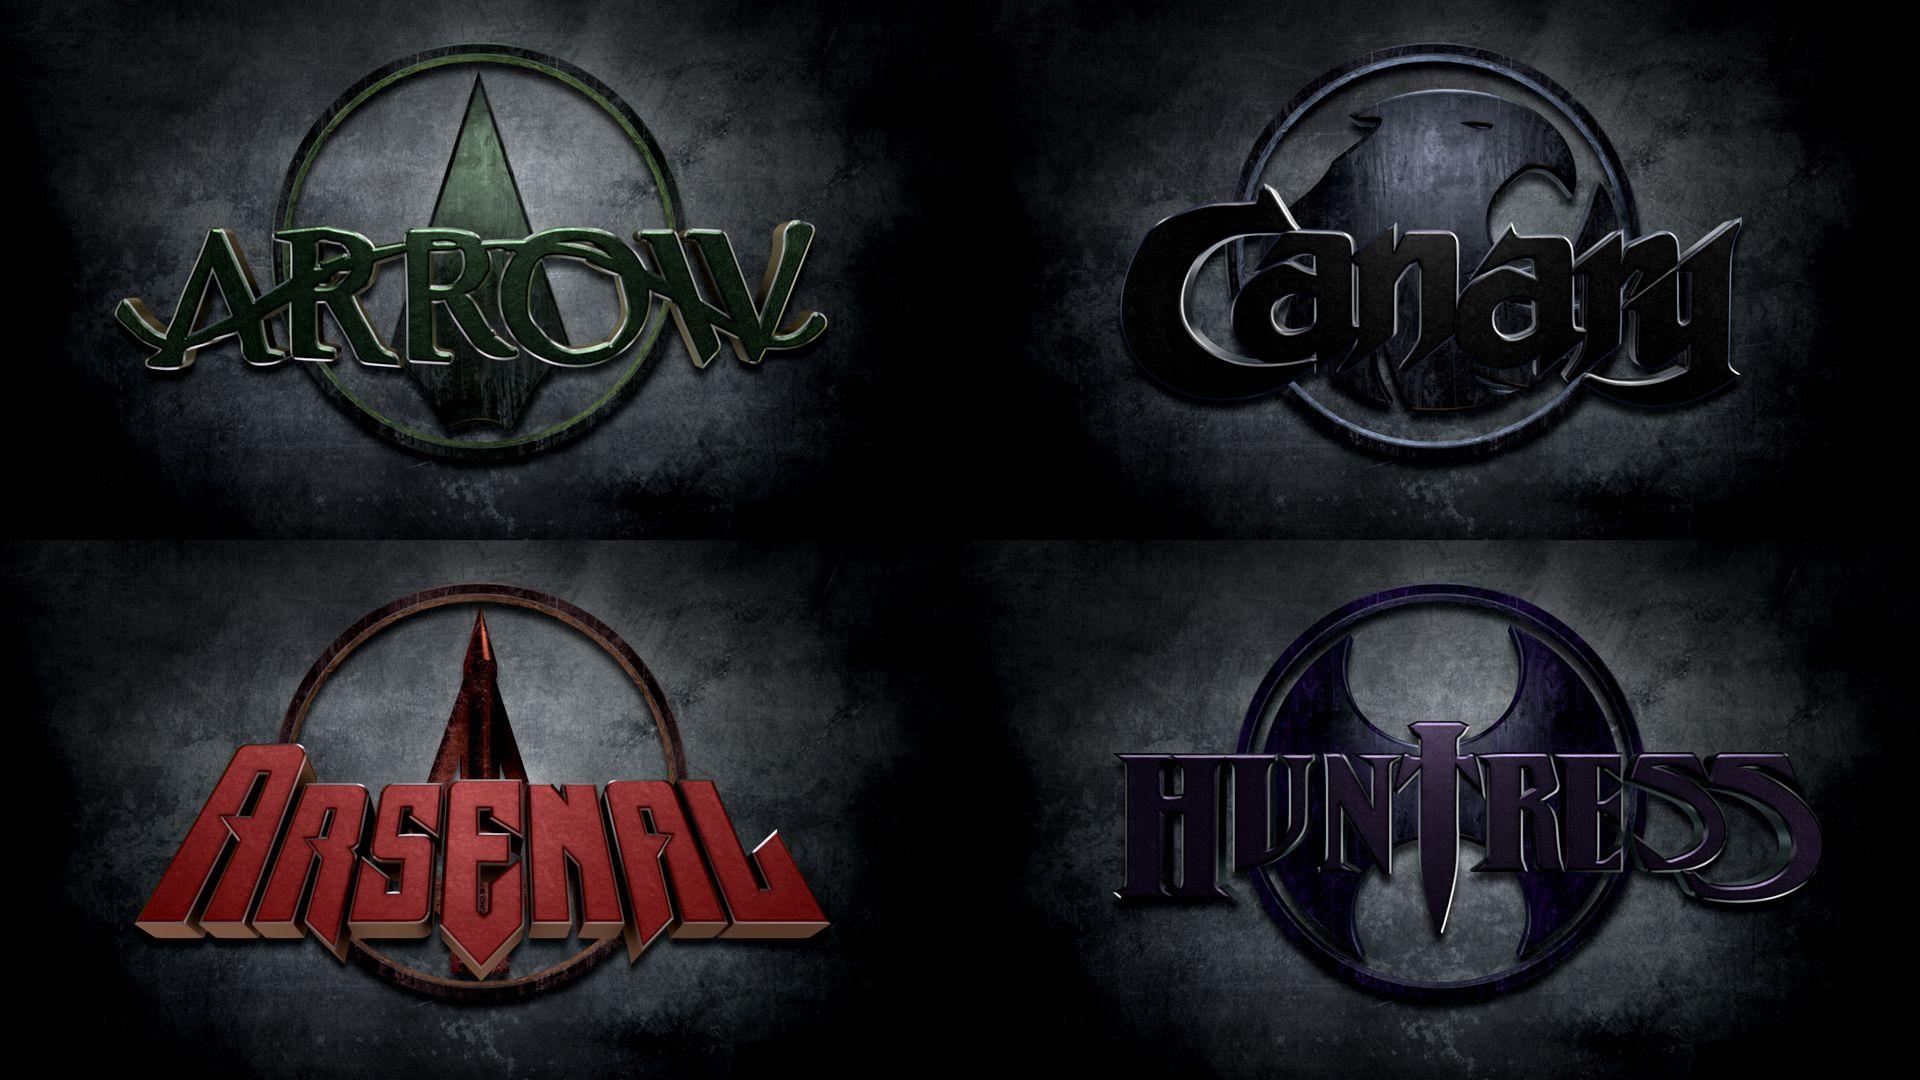 Team Arrow logos Team arrow, Dc comics logo, Arrow cw